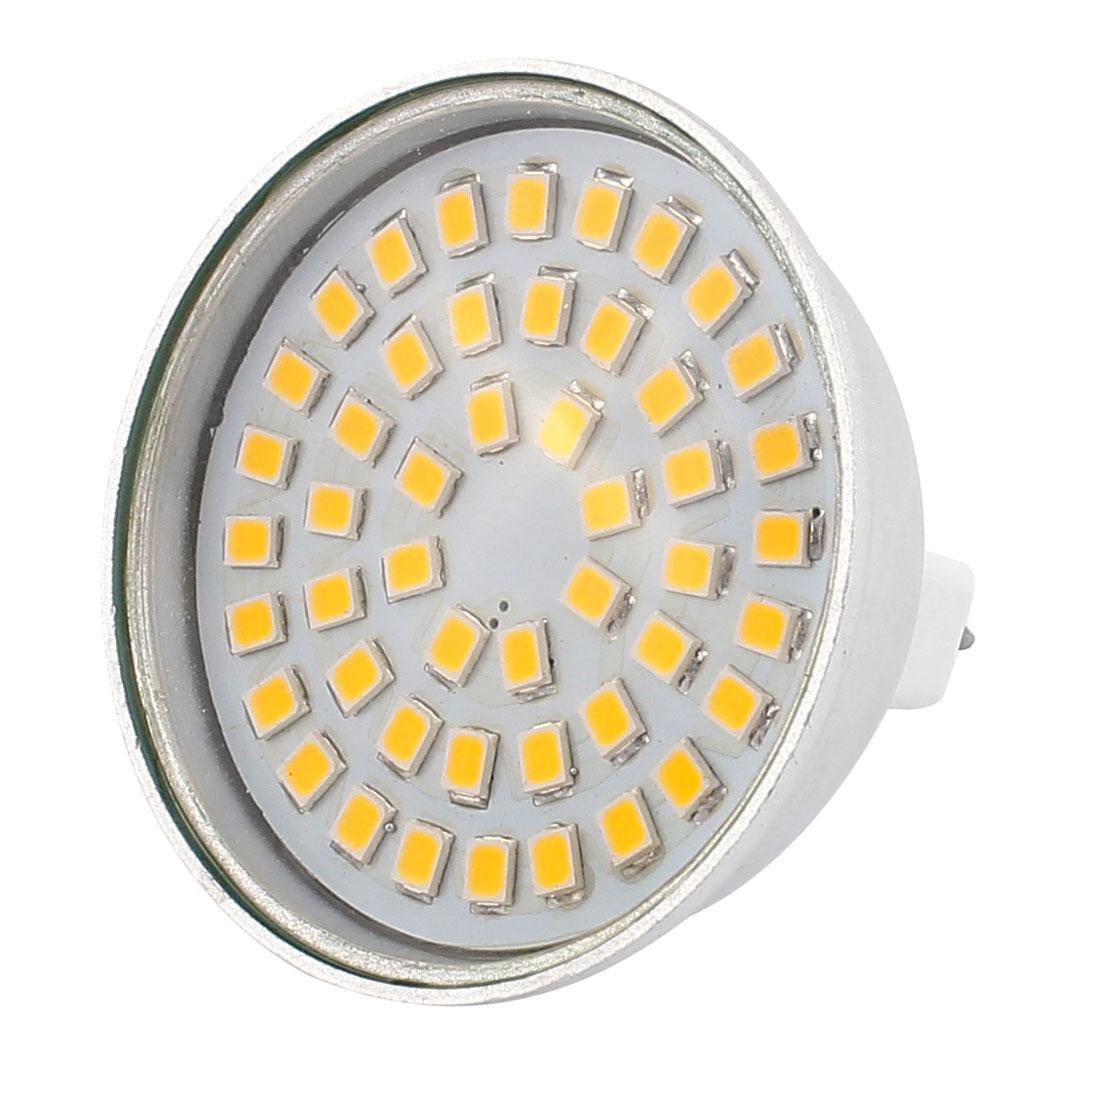 220V 4W MR16 2835 SMD 48 LEDs LED Bulb Light Spotlight Lamp Energy Save Warm White